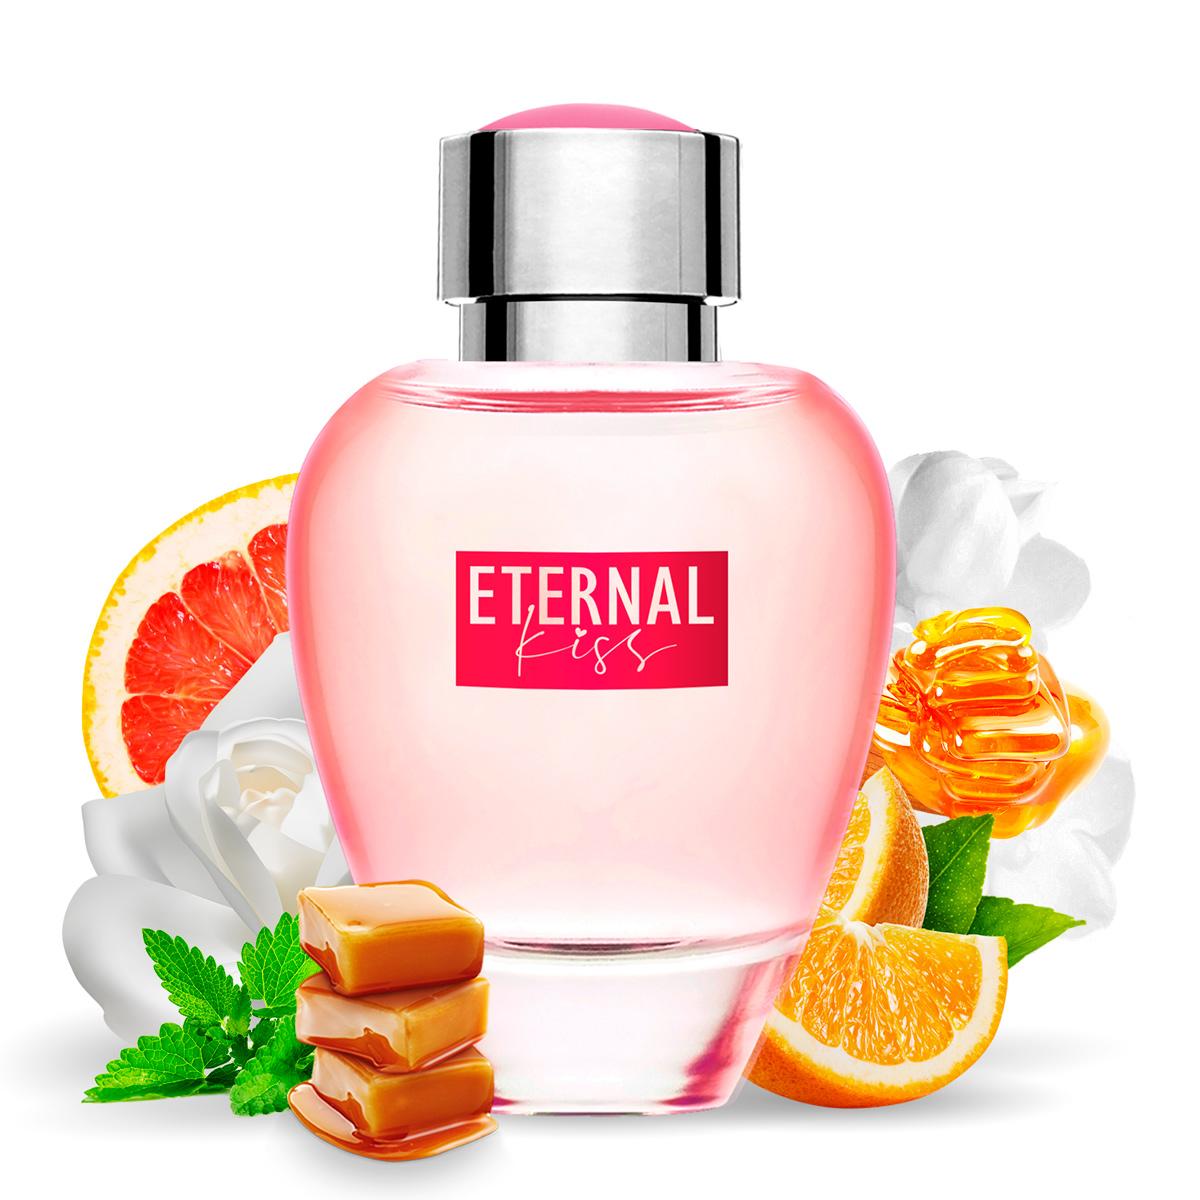 Kit 2 Perfumes Importados Cash Man e Eternal Kiss La Rive